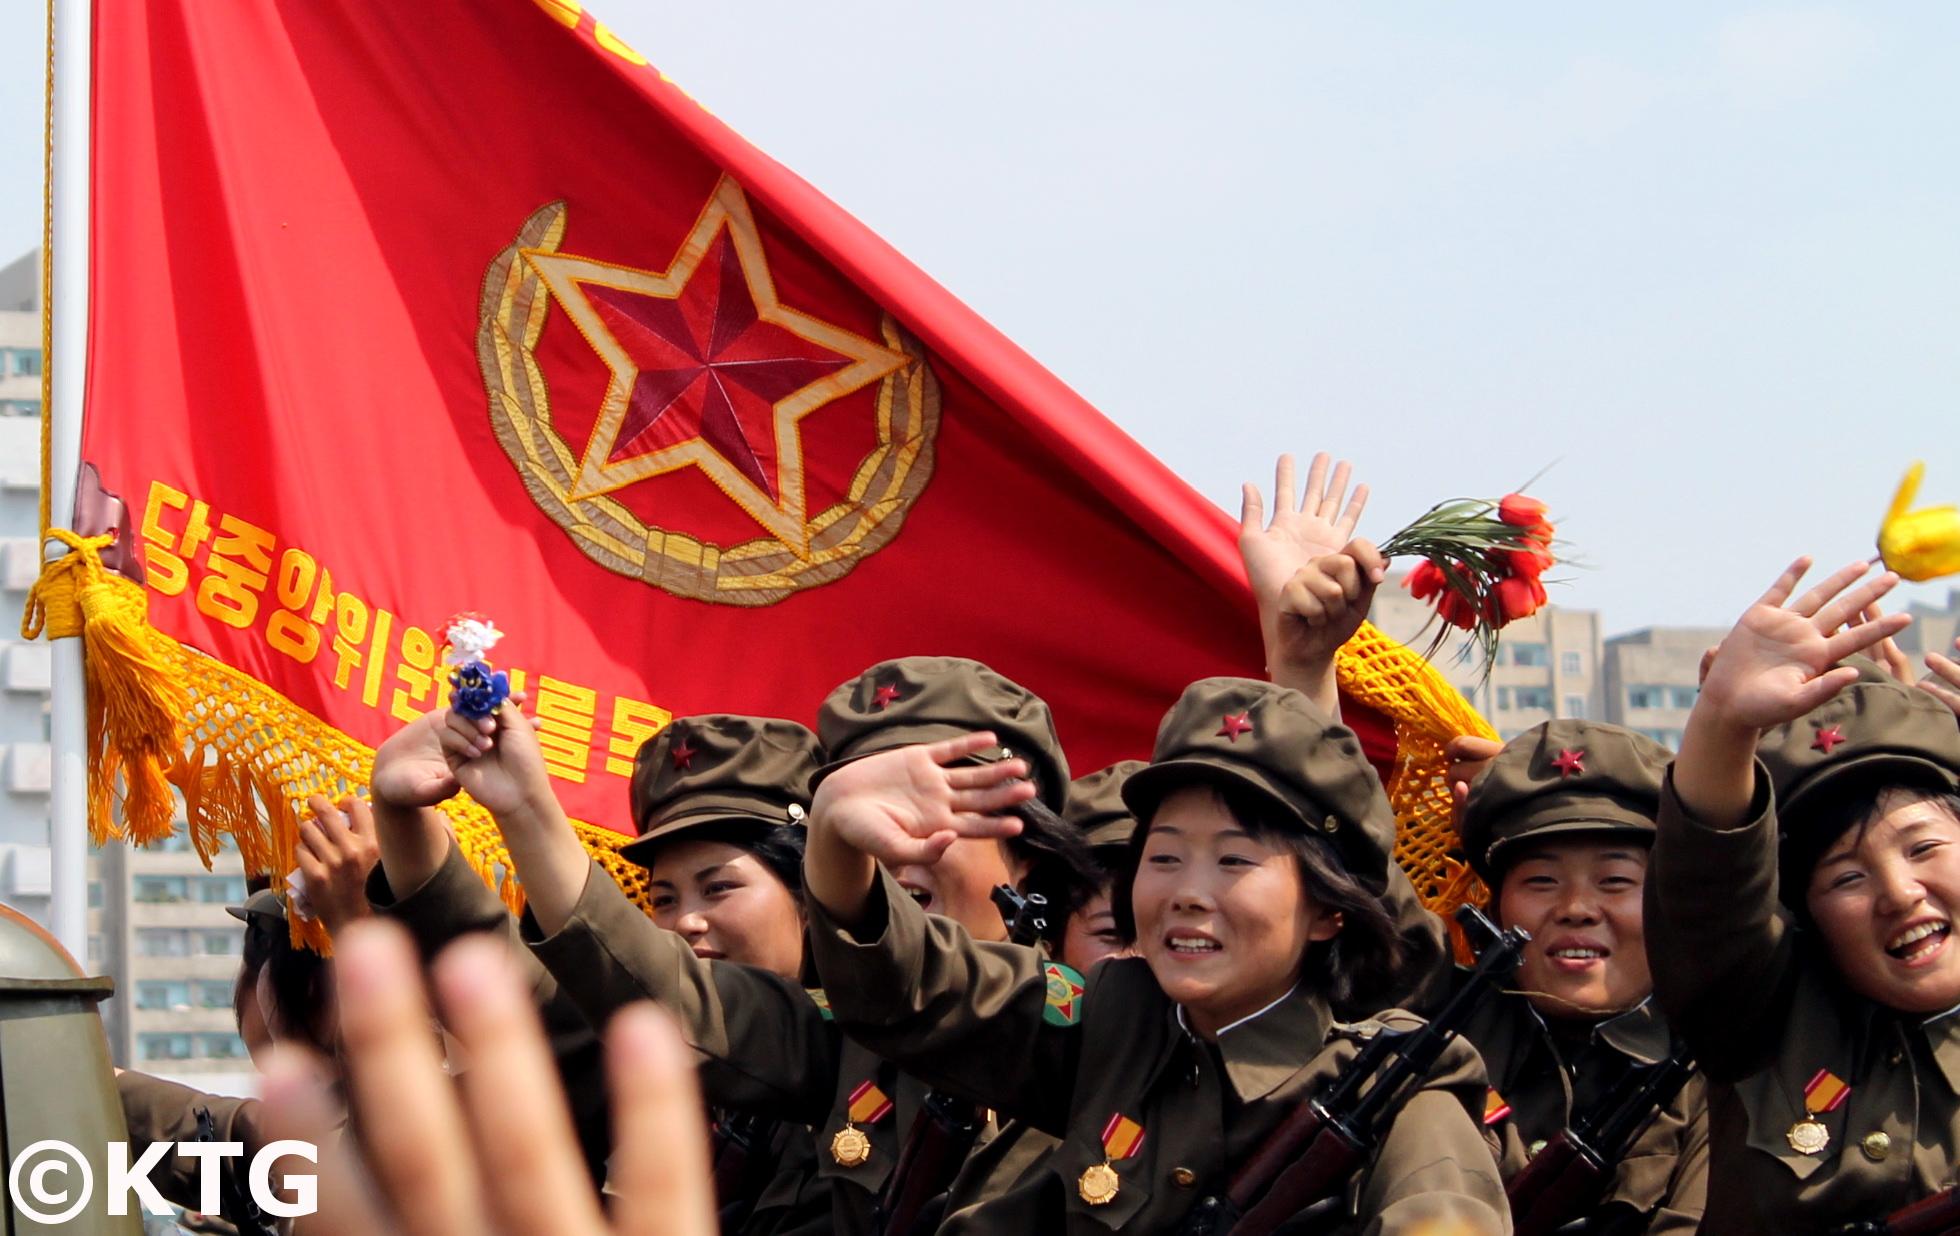 Bandera militar de Corea del Norte. Foto tomada en un desfile mililtar en Pyongyang